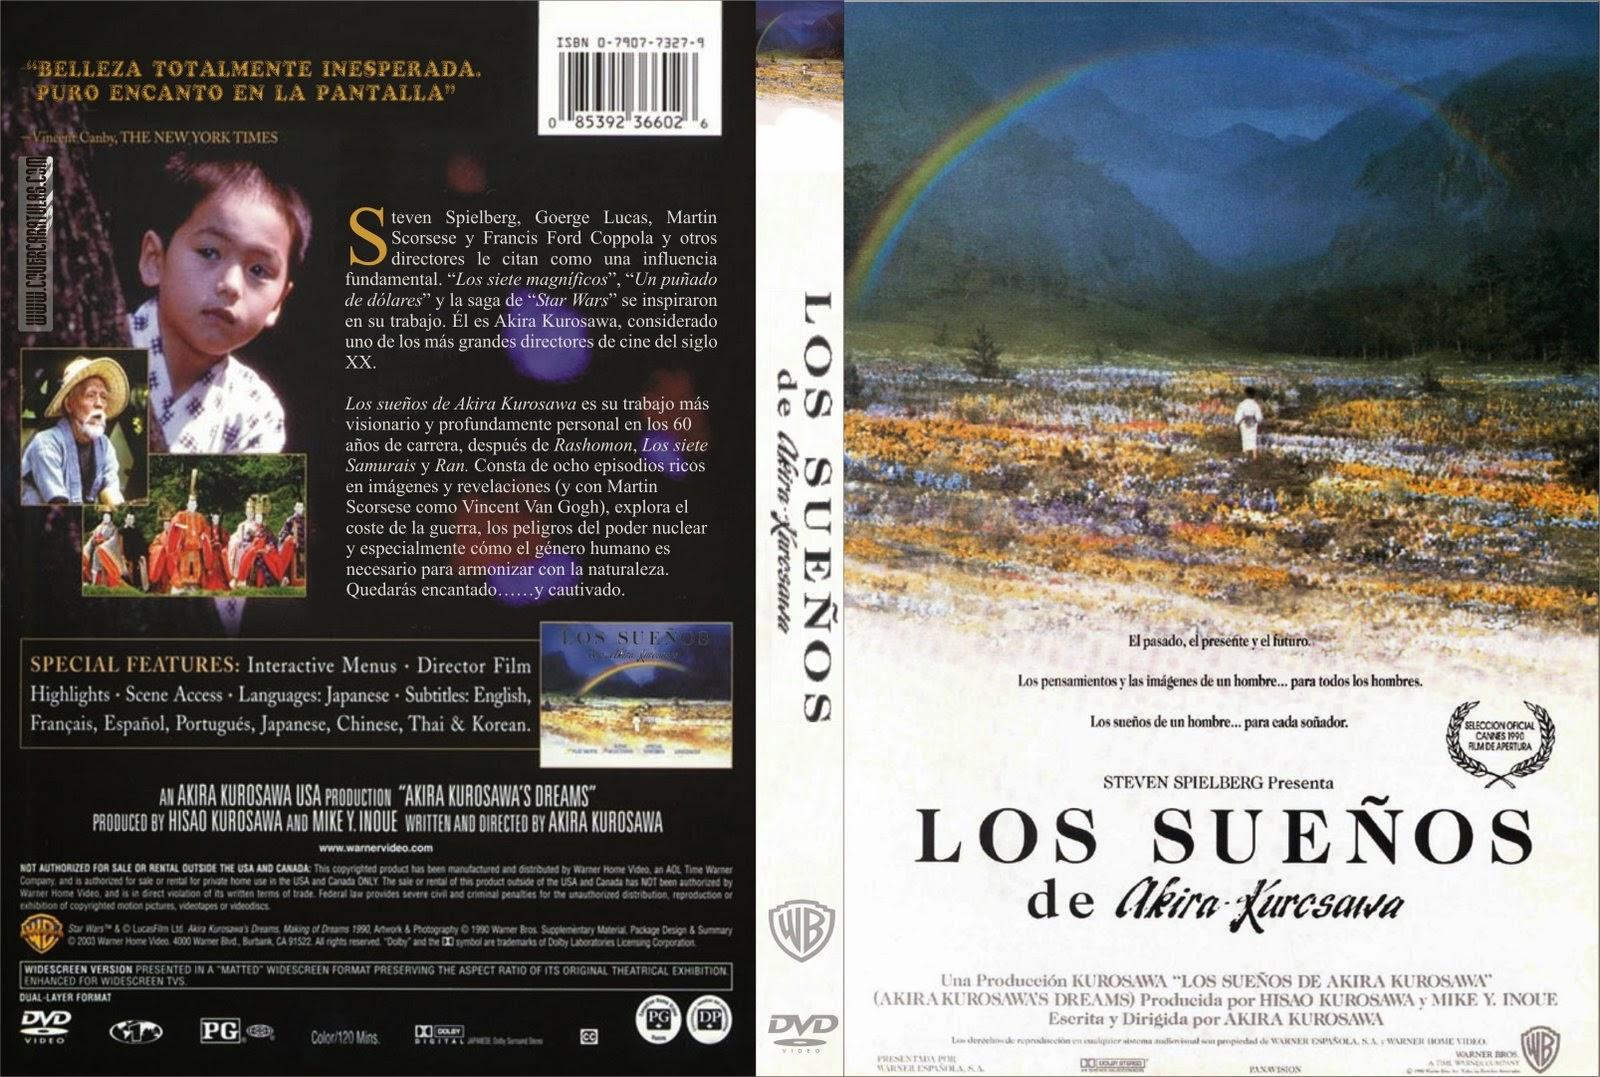 Los sueños de Akira Kurosawa (1990 - Akira Kurosawa's Dreams)